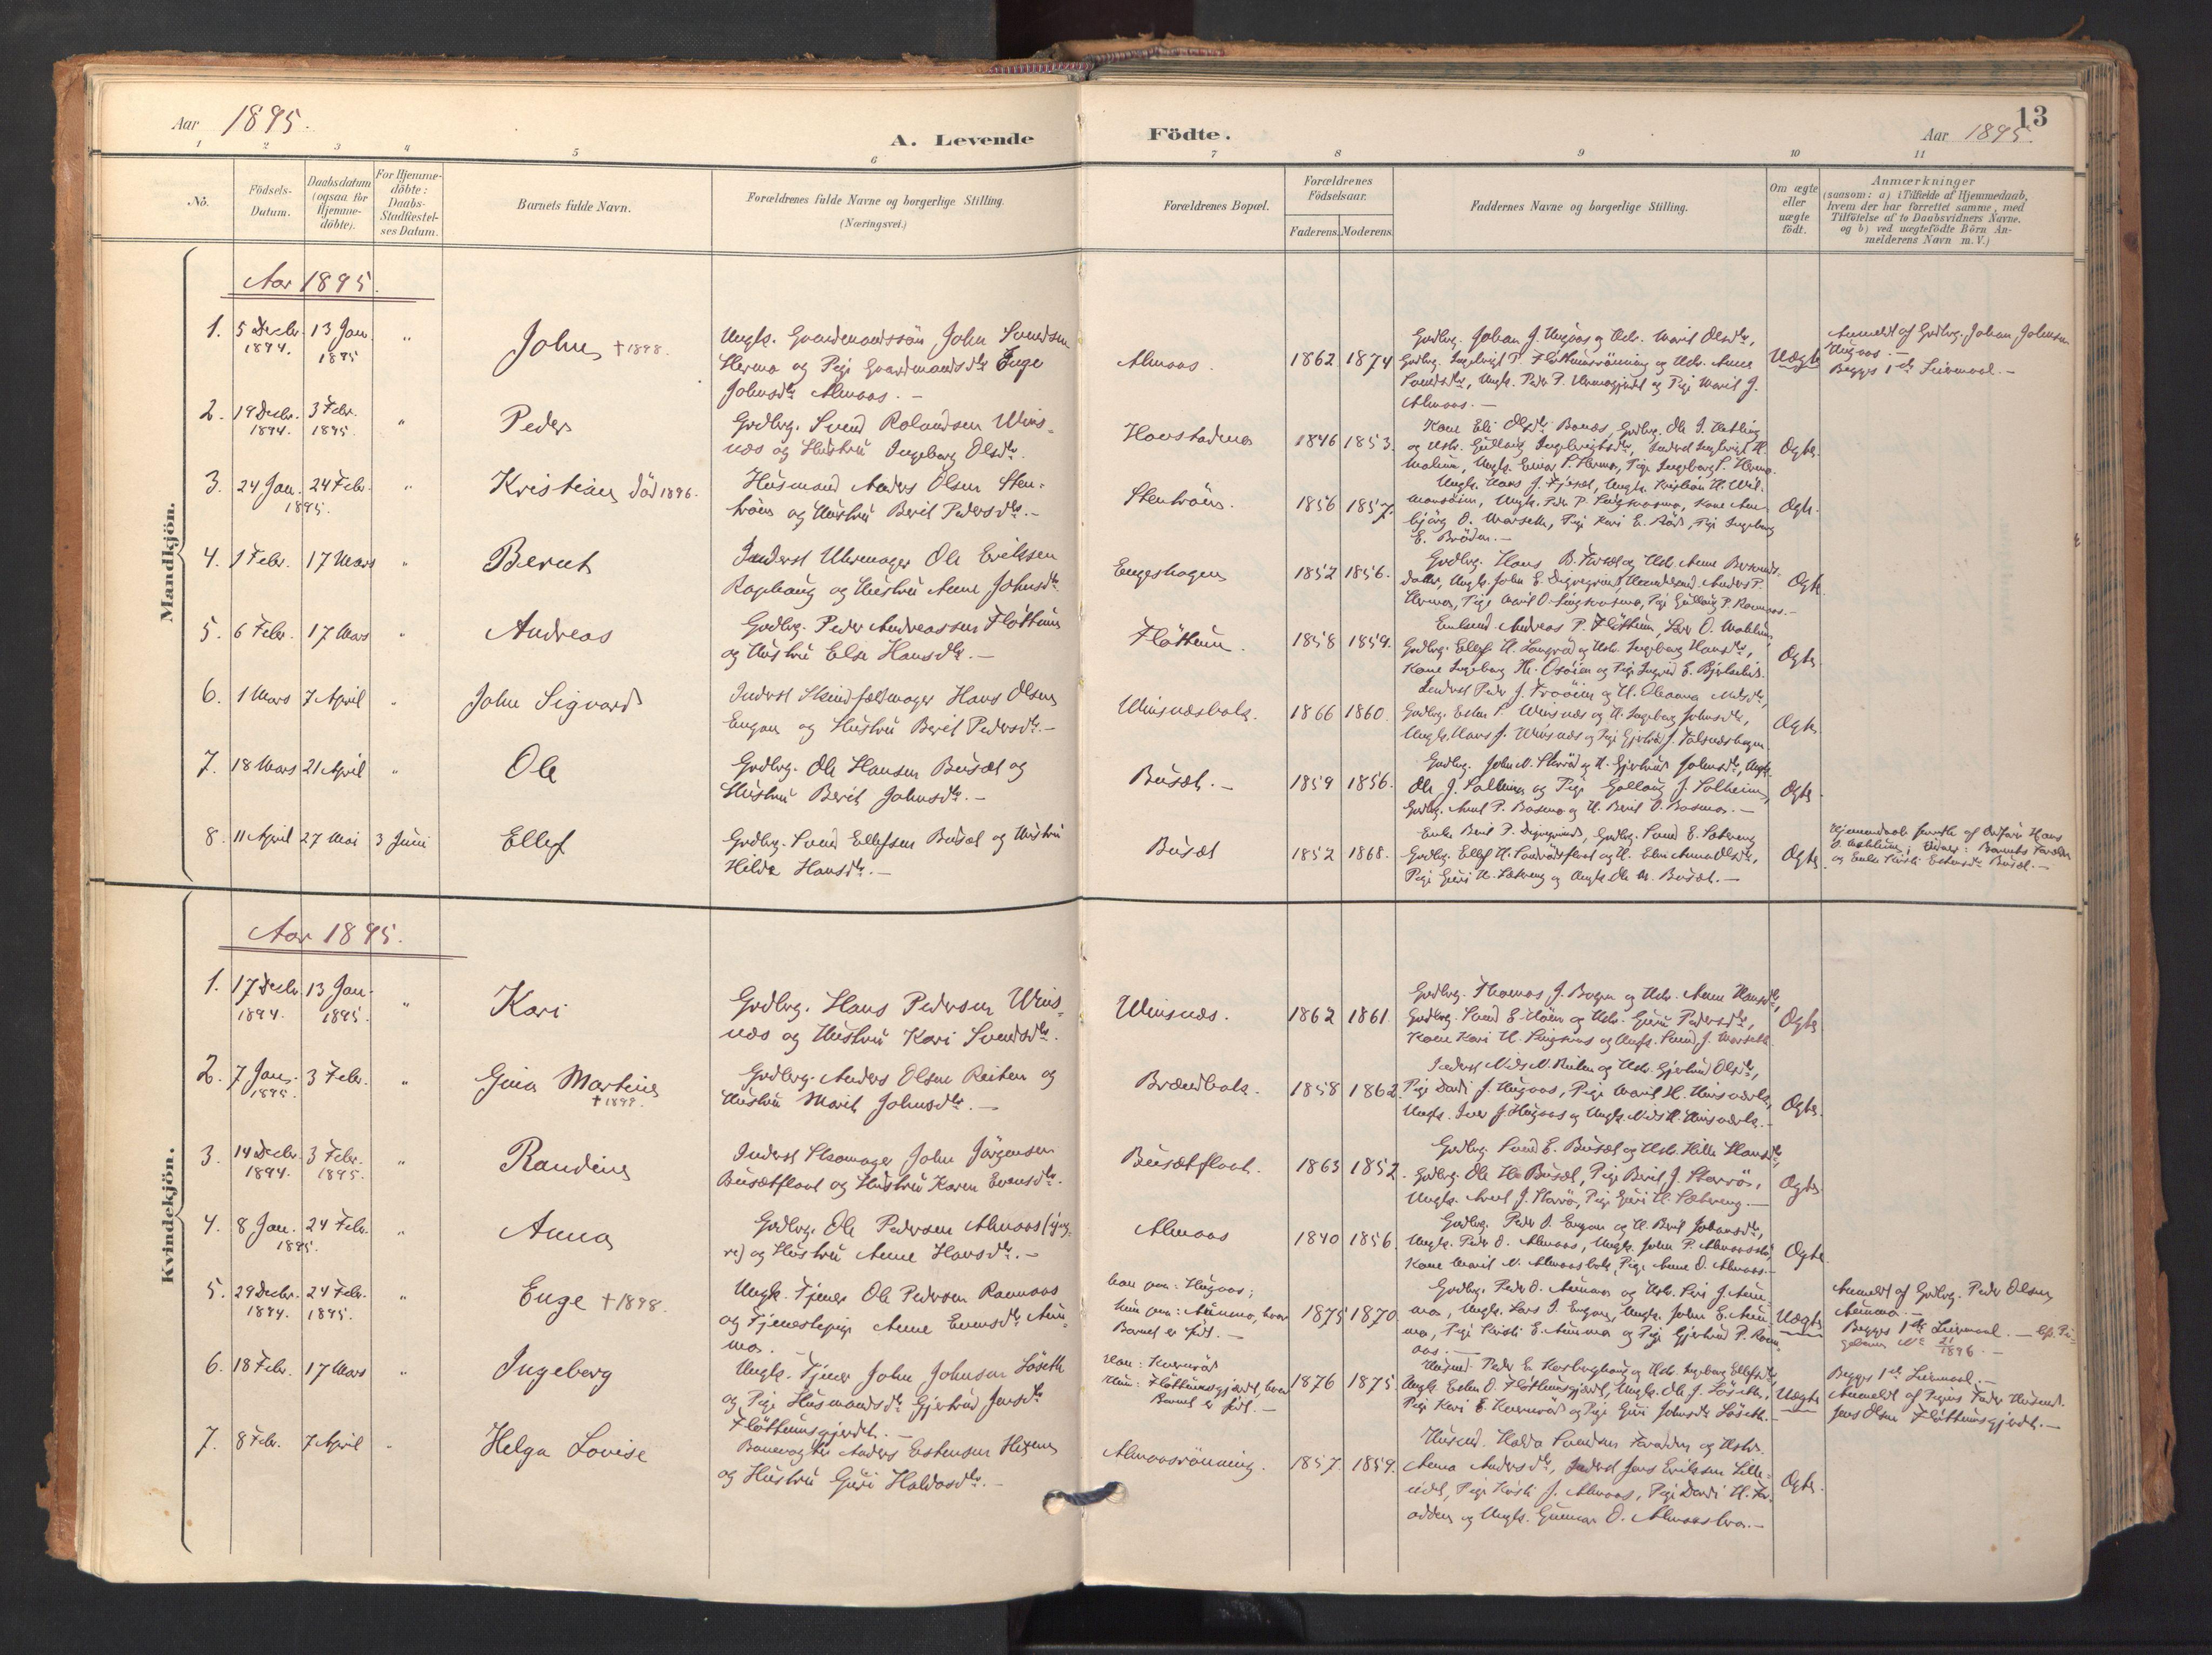 SAT, Ministerialprotokoller, klokkerbøker og fødselsregistre - Sør-Trøndelag, 688/L1025: Ministerialbok nr. 688A02, 1891-1909, s. 13